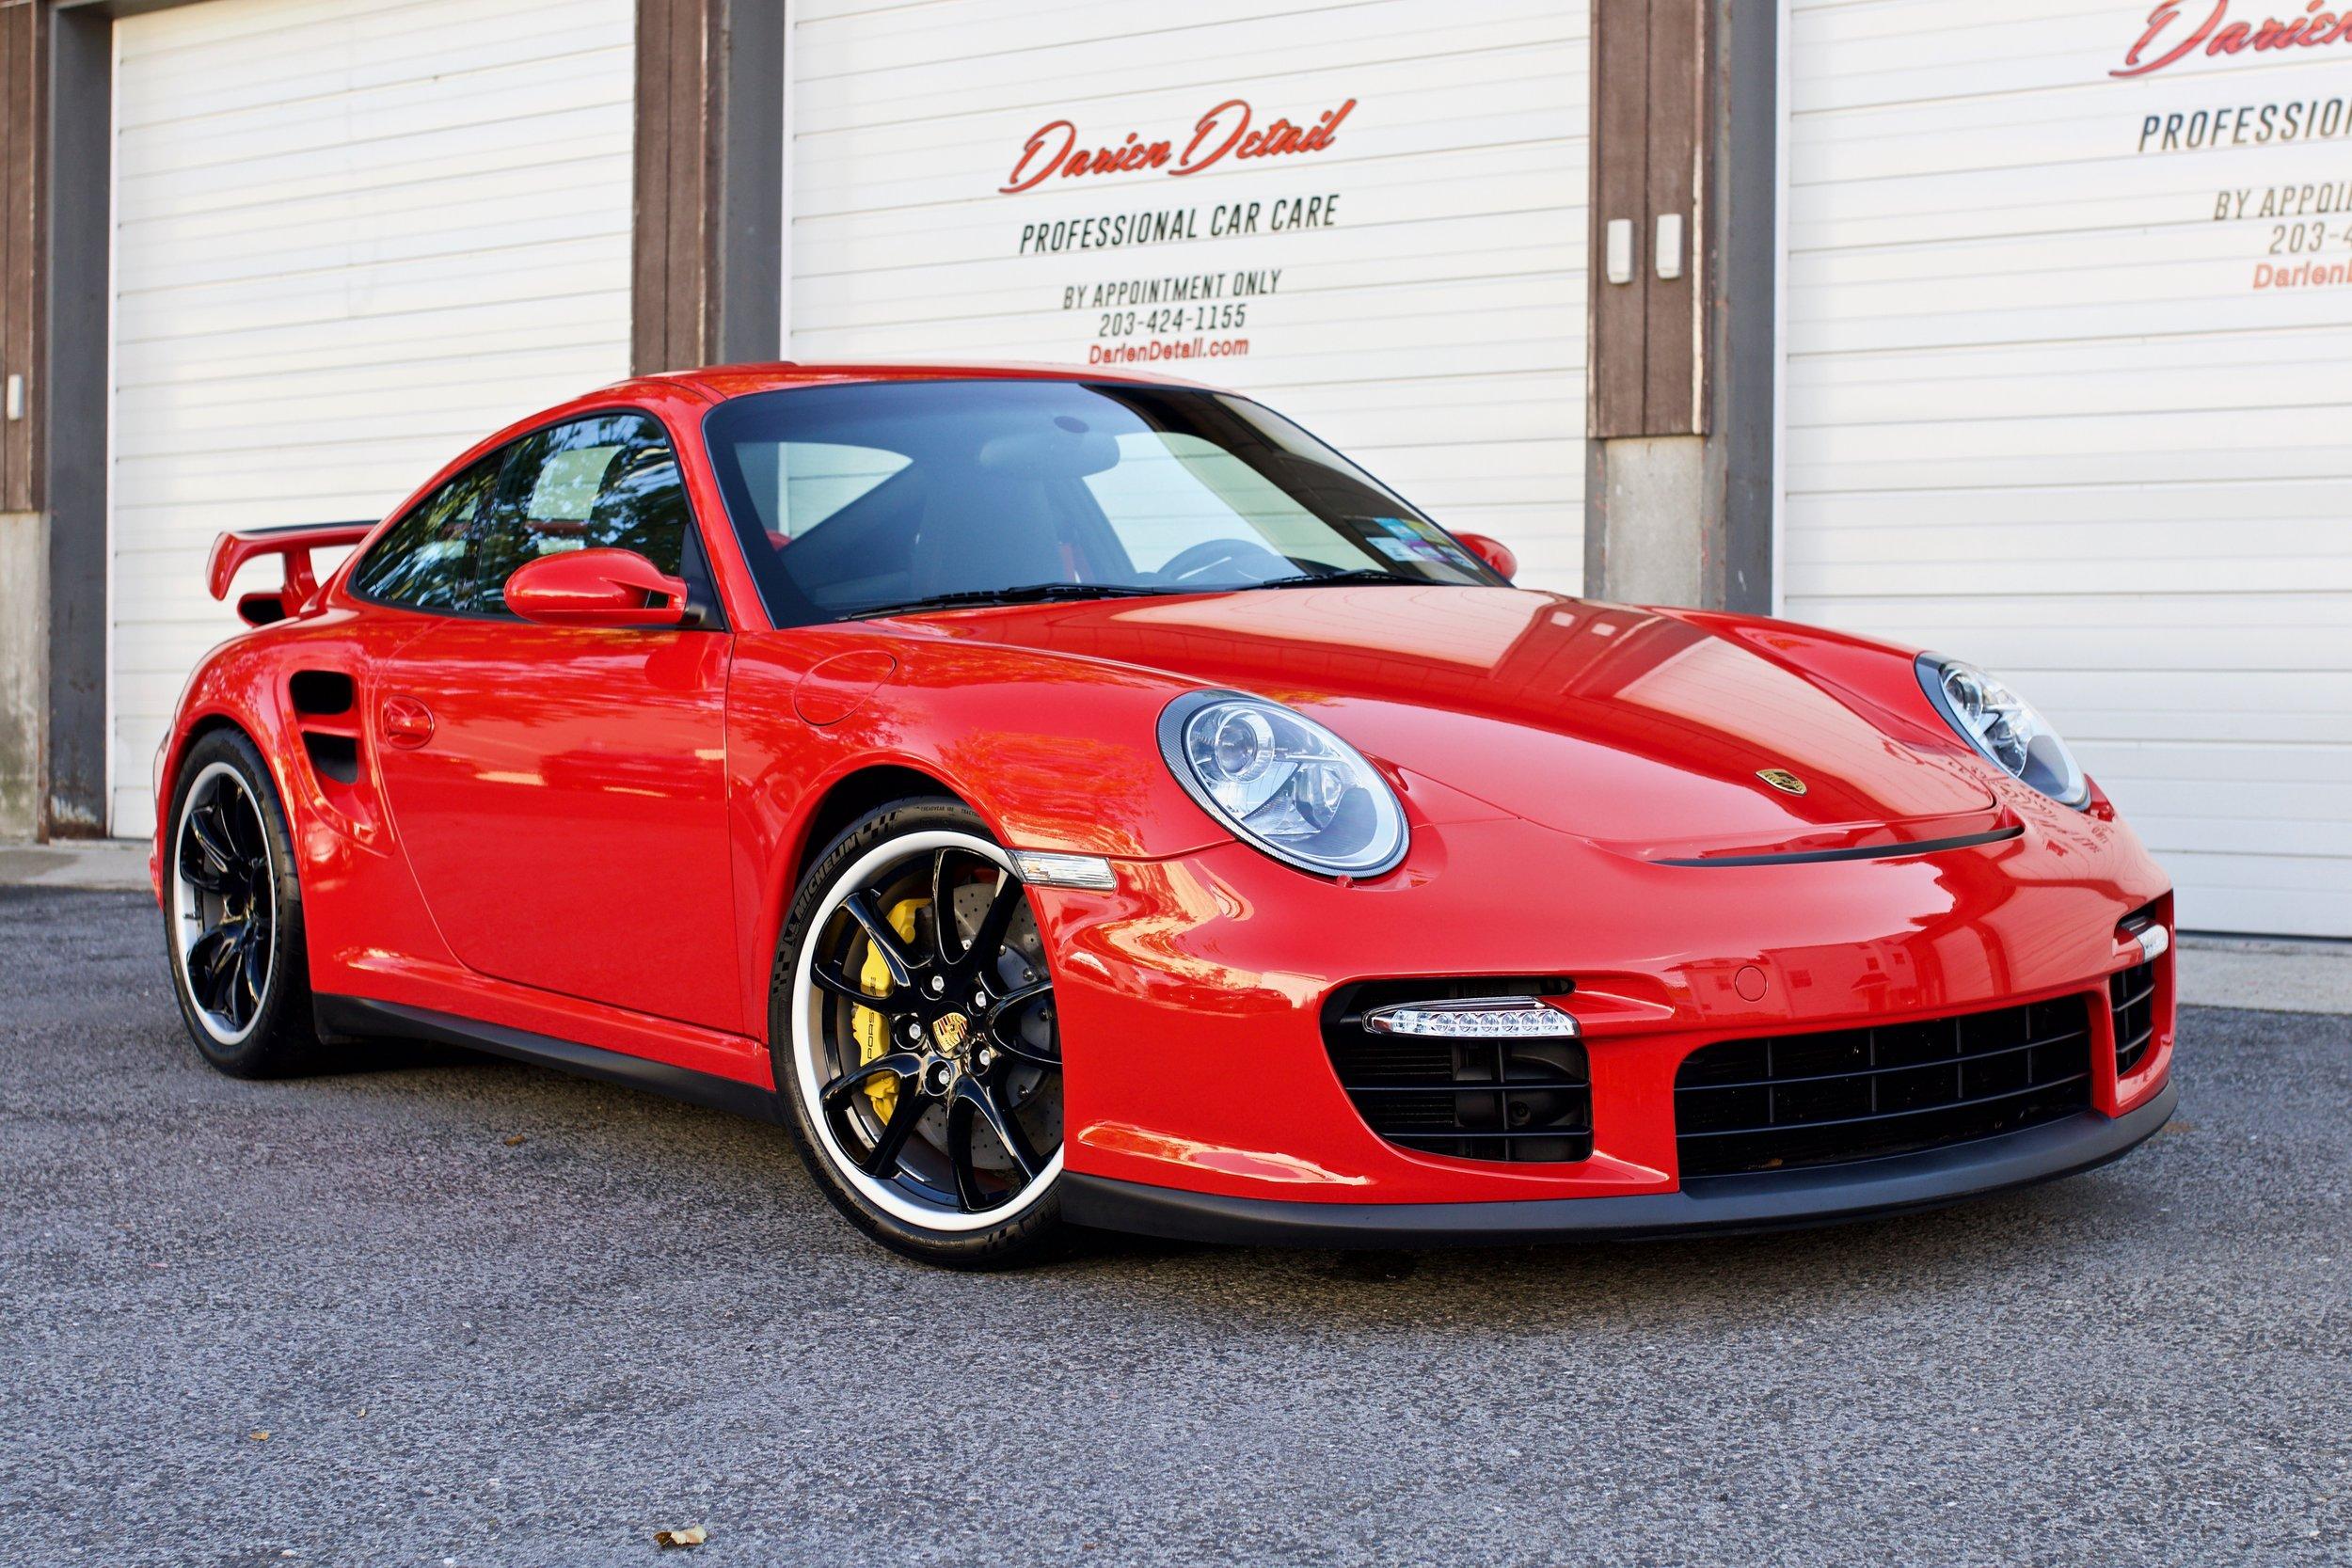 Porsche 997.1 GT2 - Paint Protection Film - Restoration Grade Detail - CQuartz Finest Reserve